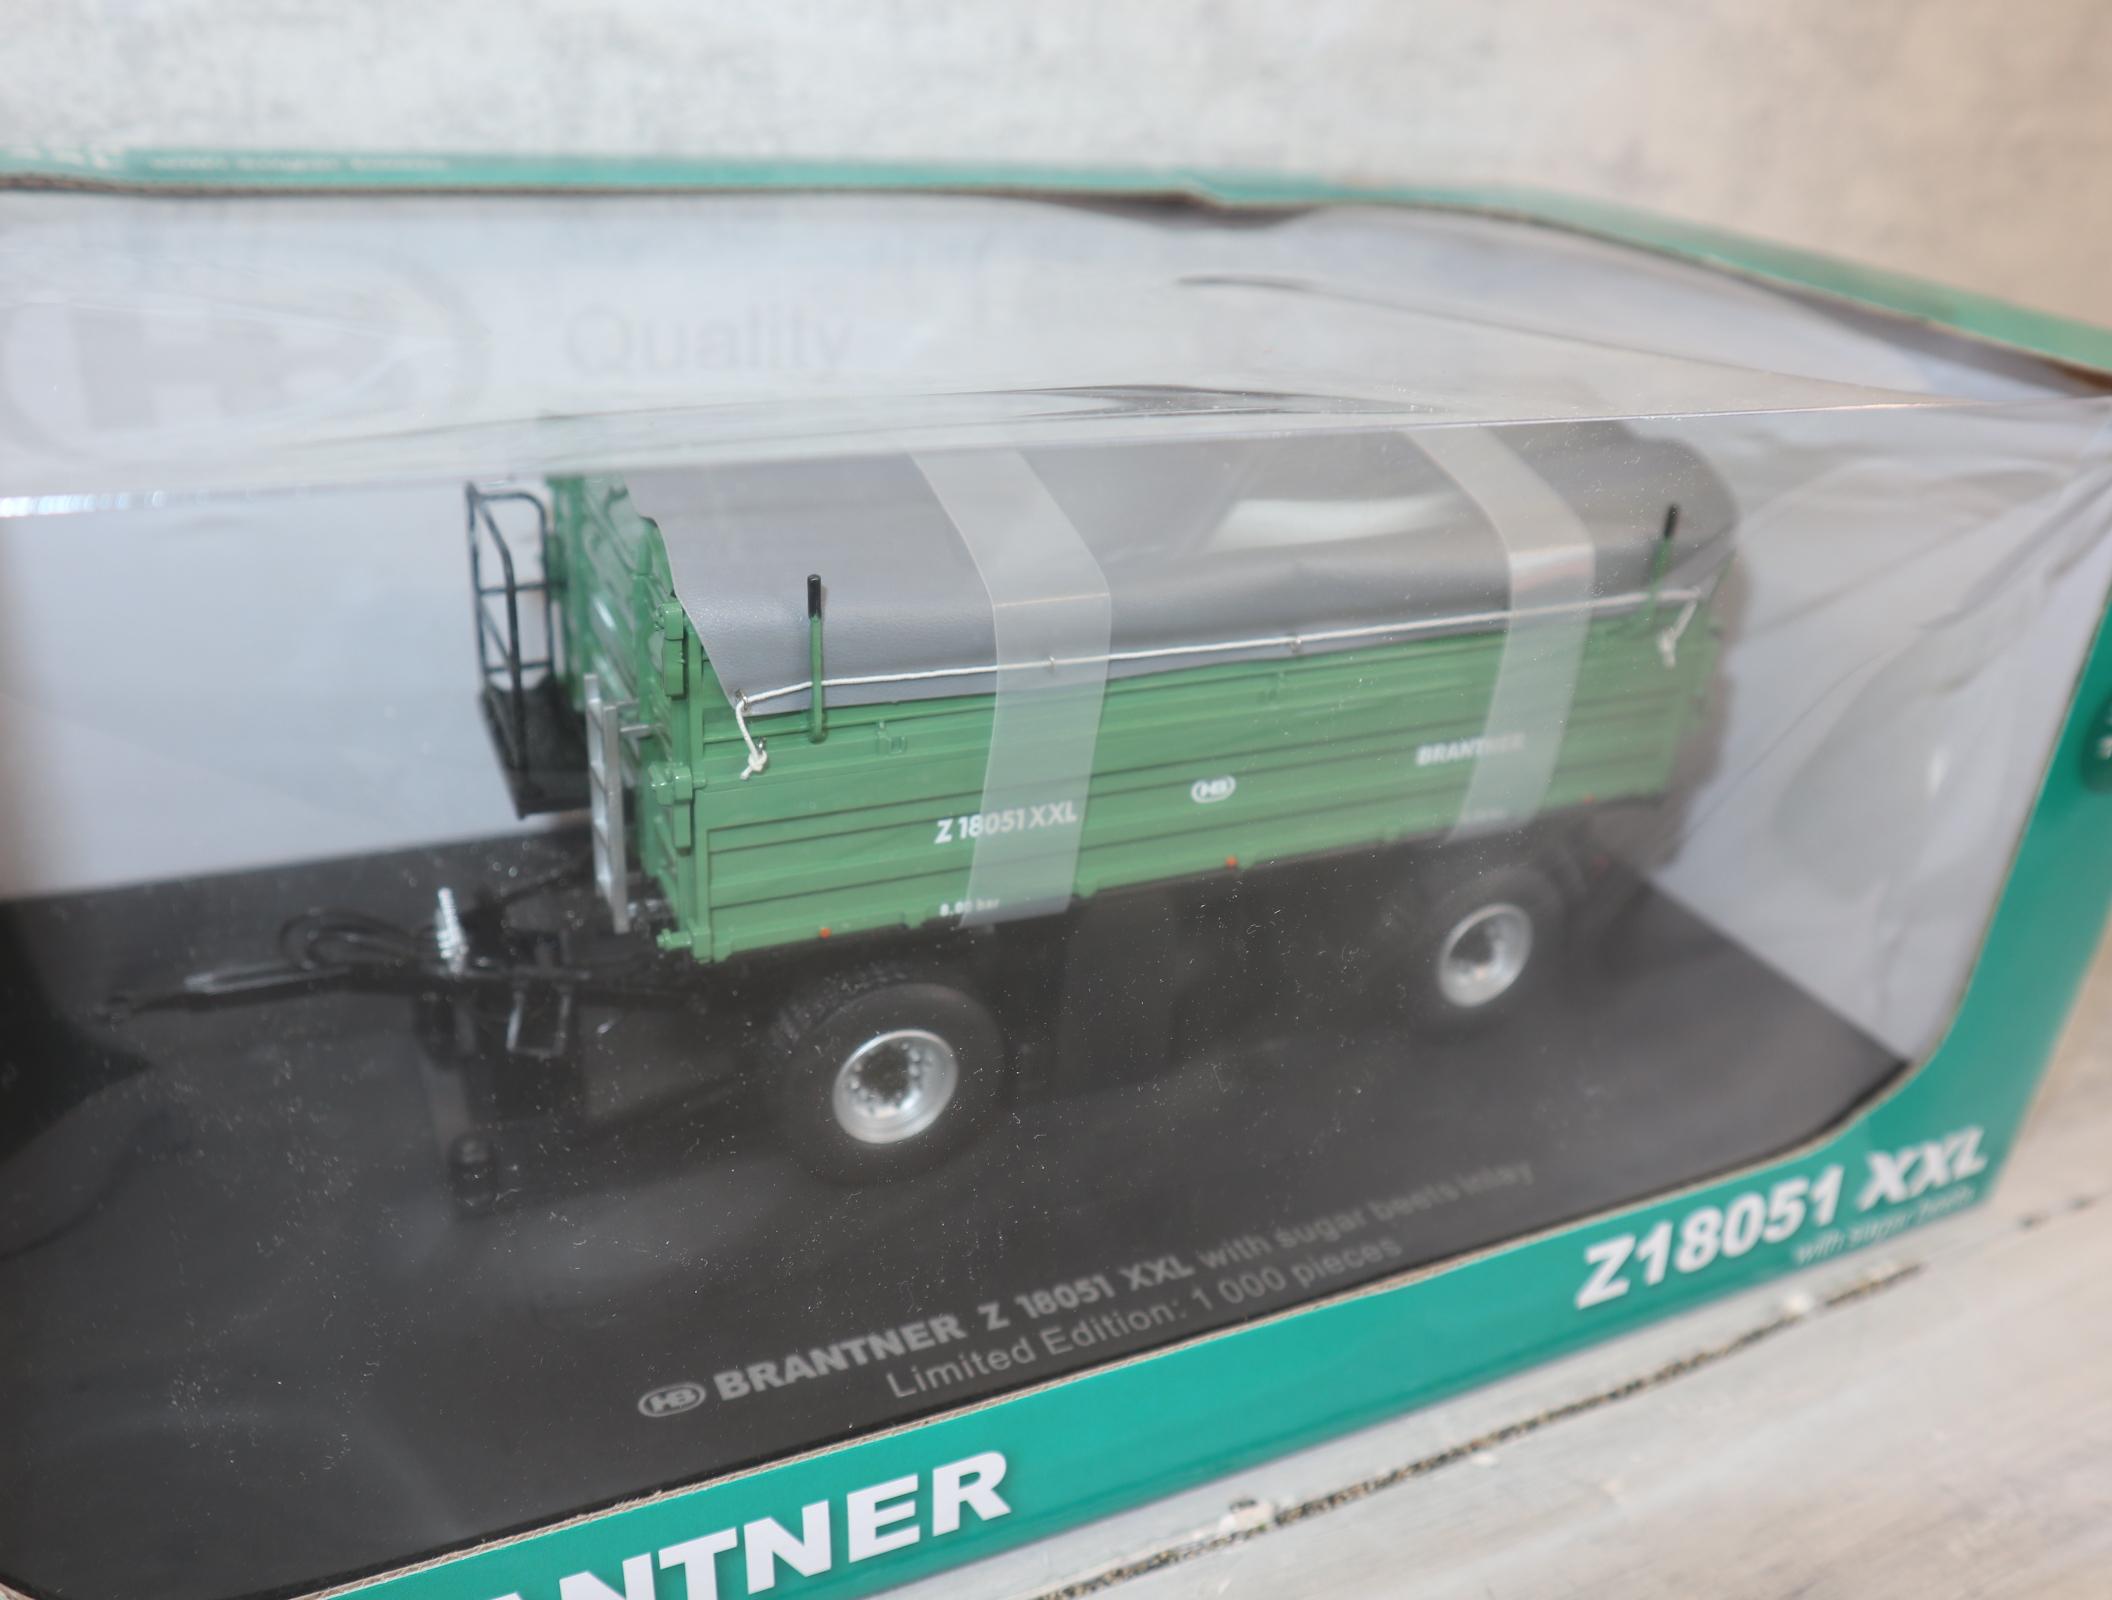 Universal Hobbies 5268 1:32 Brantner Z18051 grün Sondermodel